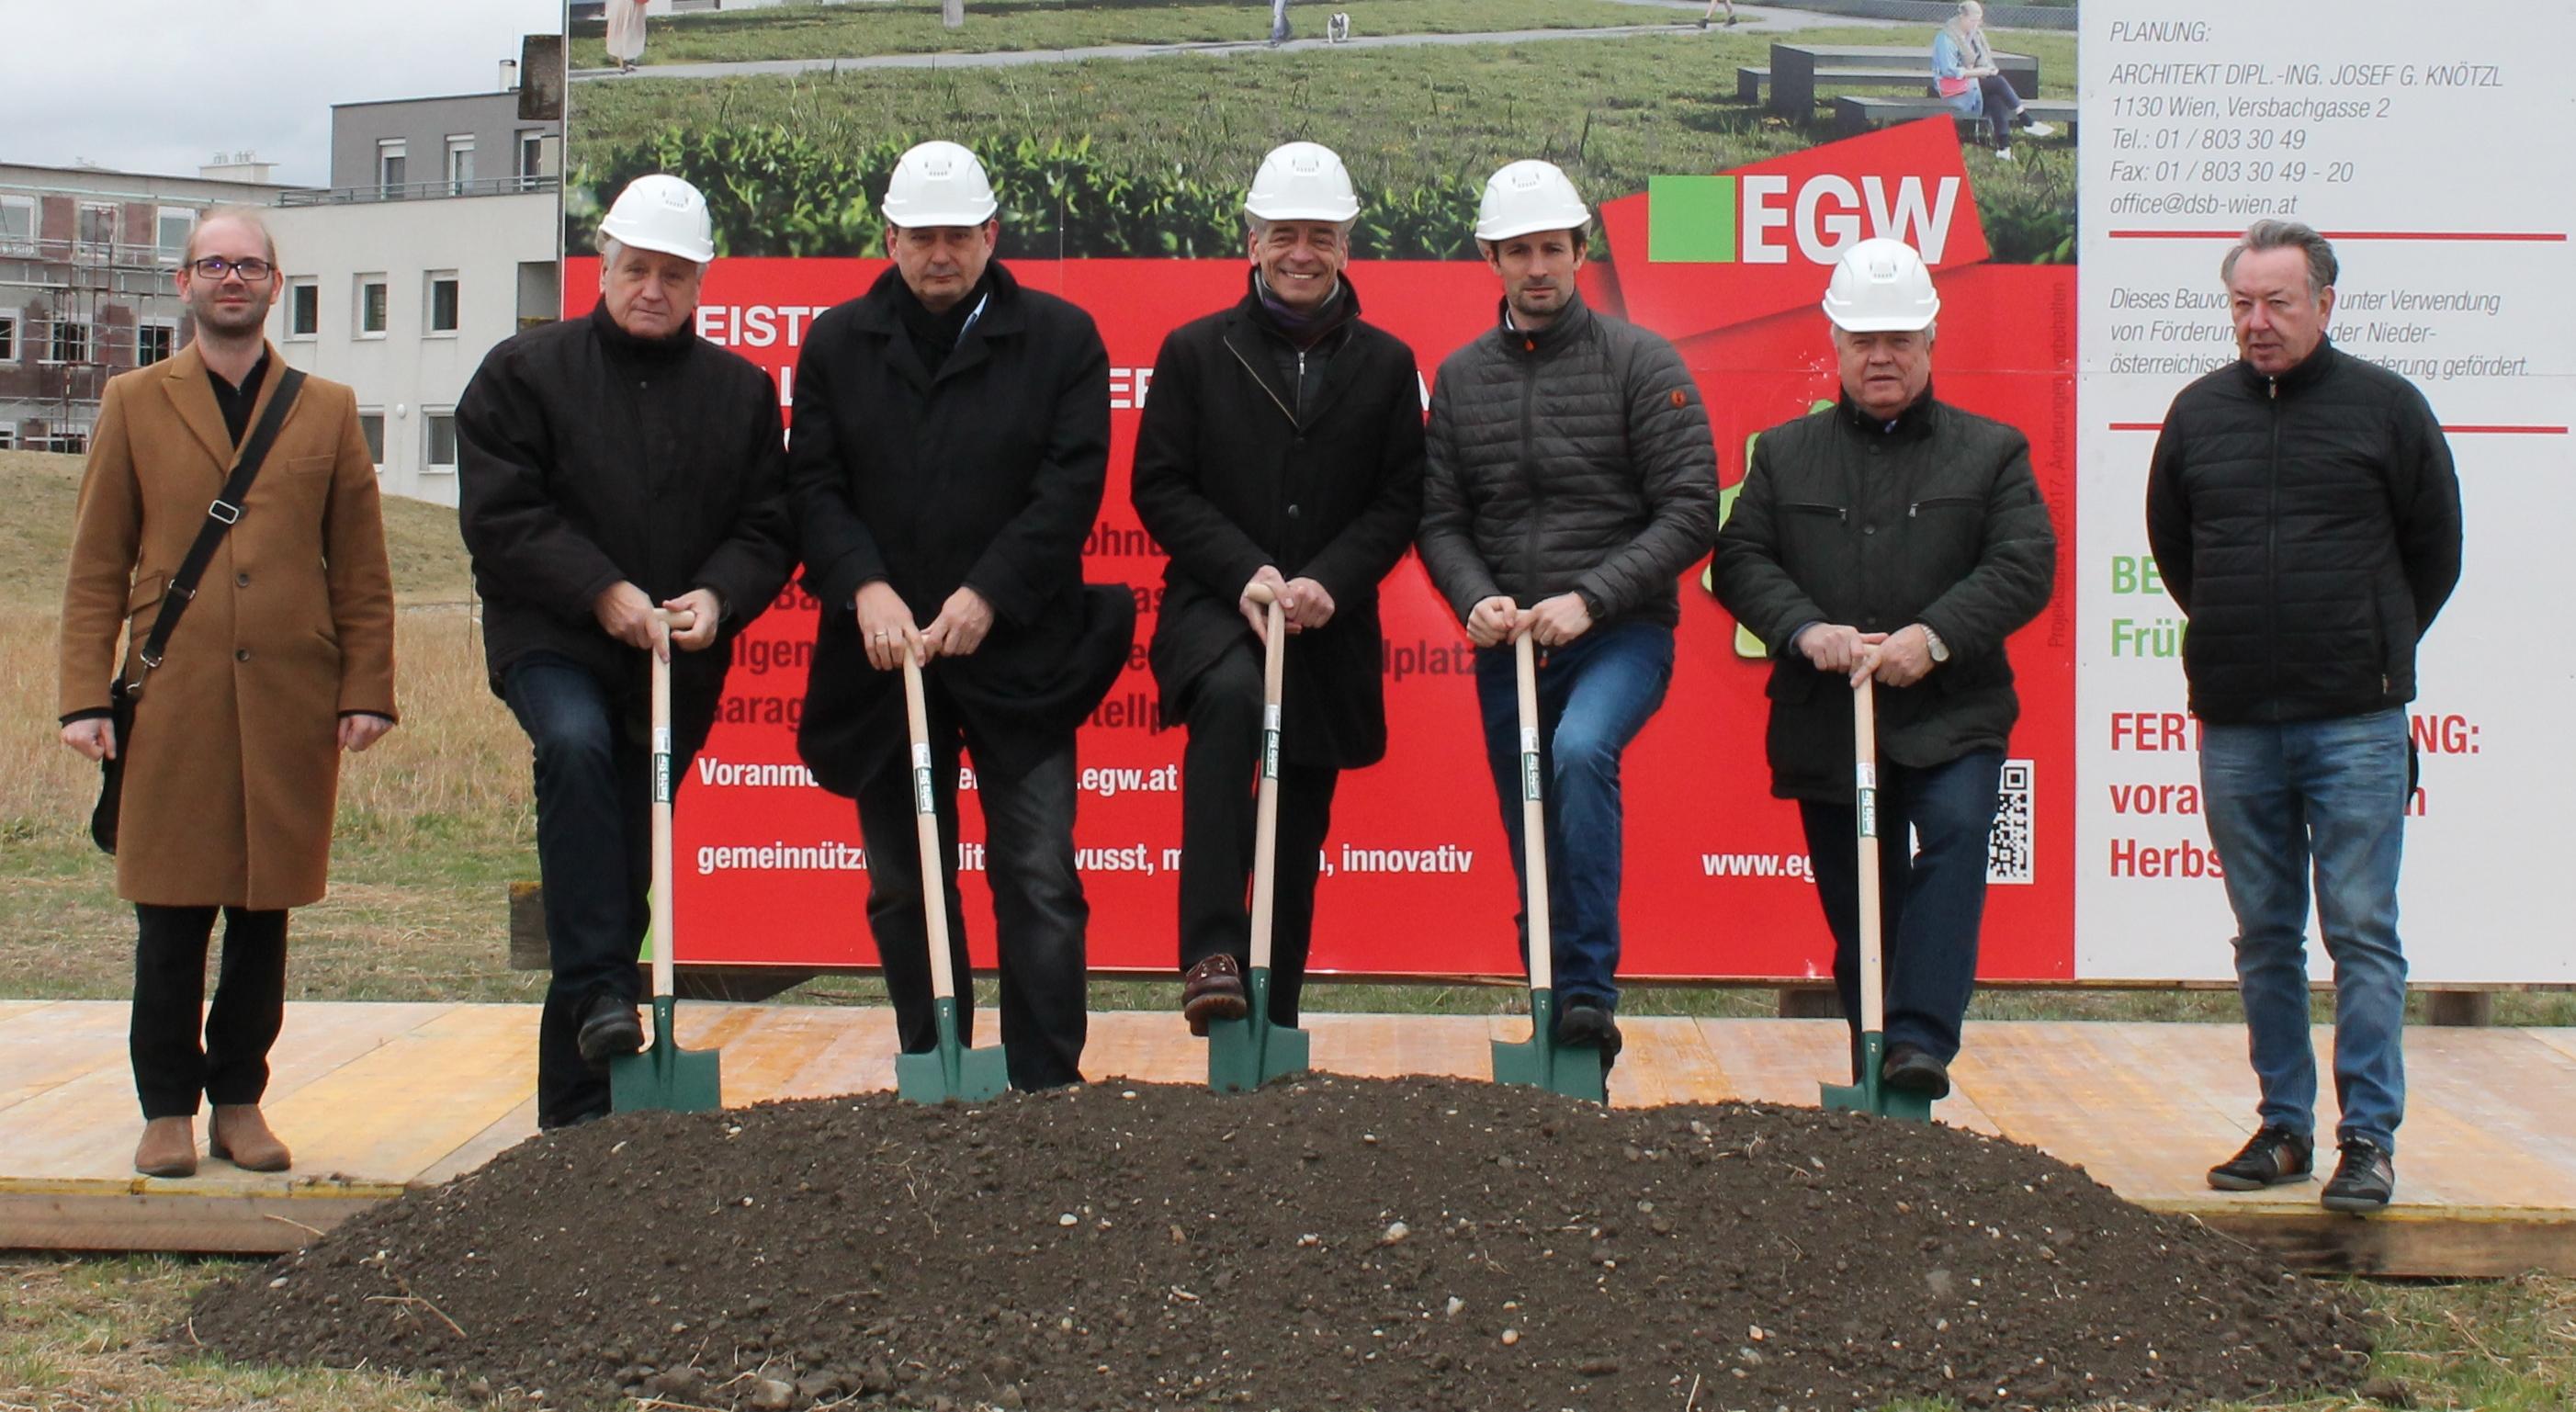 Architekt Oberhausen spatenstich für 21 geförderte mietwohnungen in oberhausen